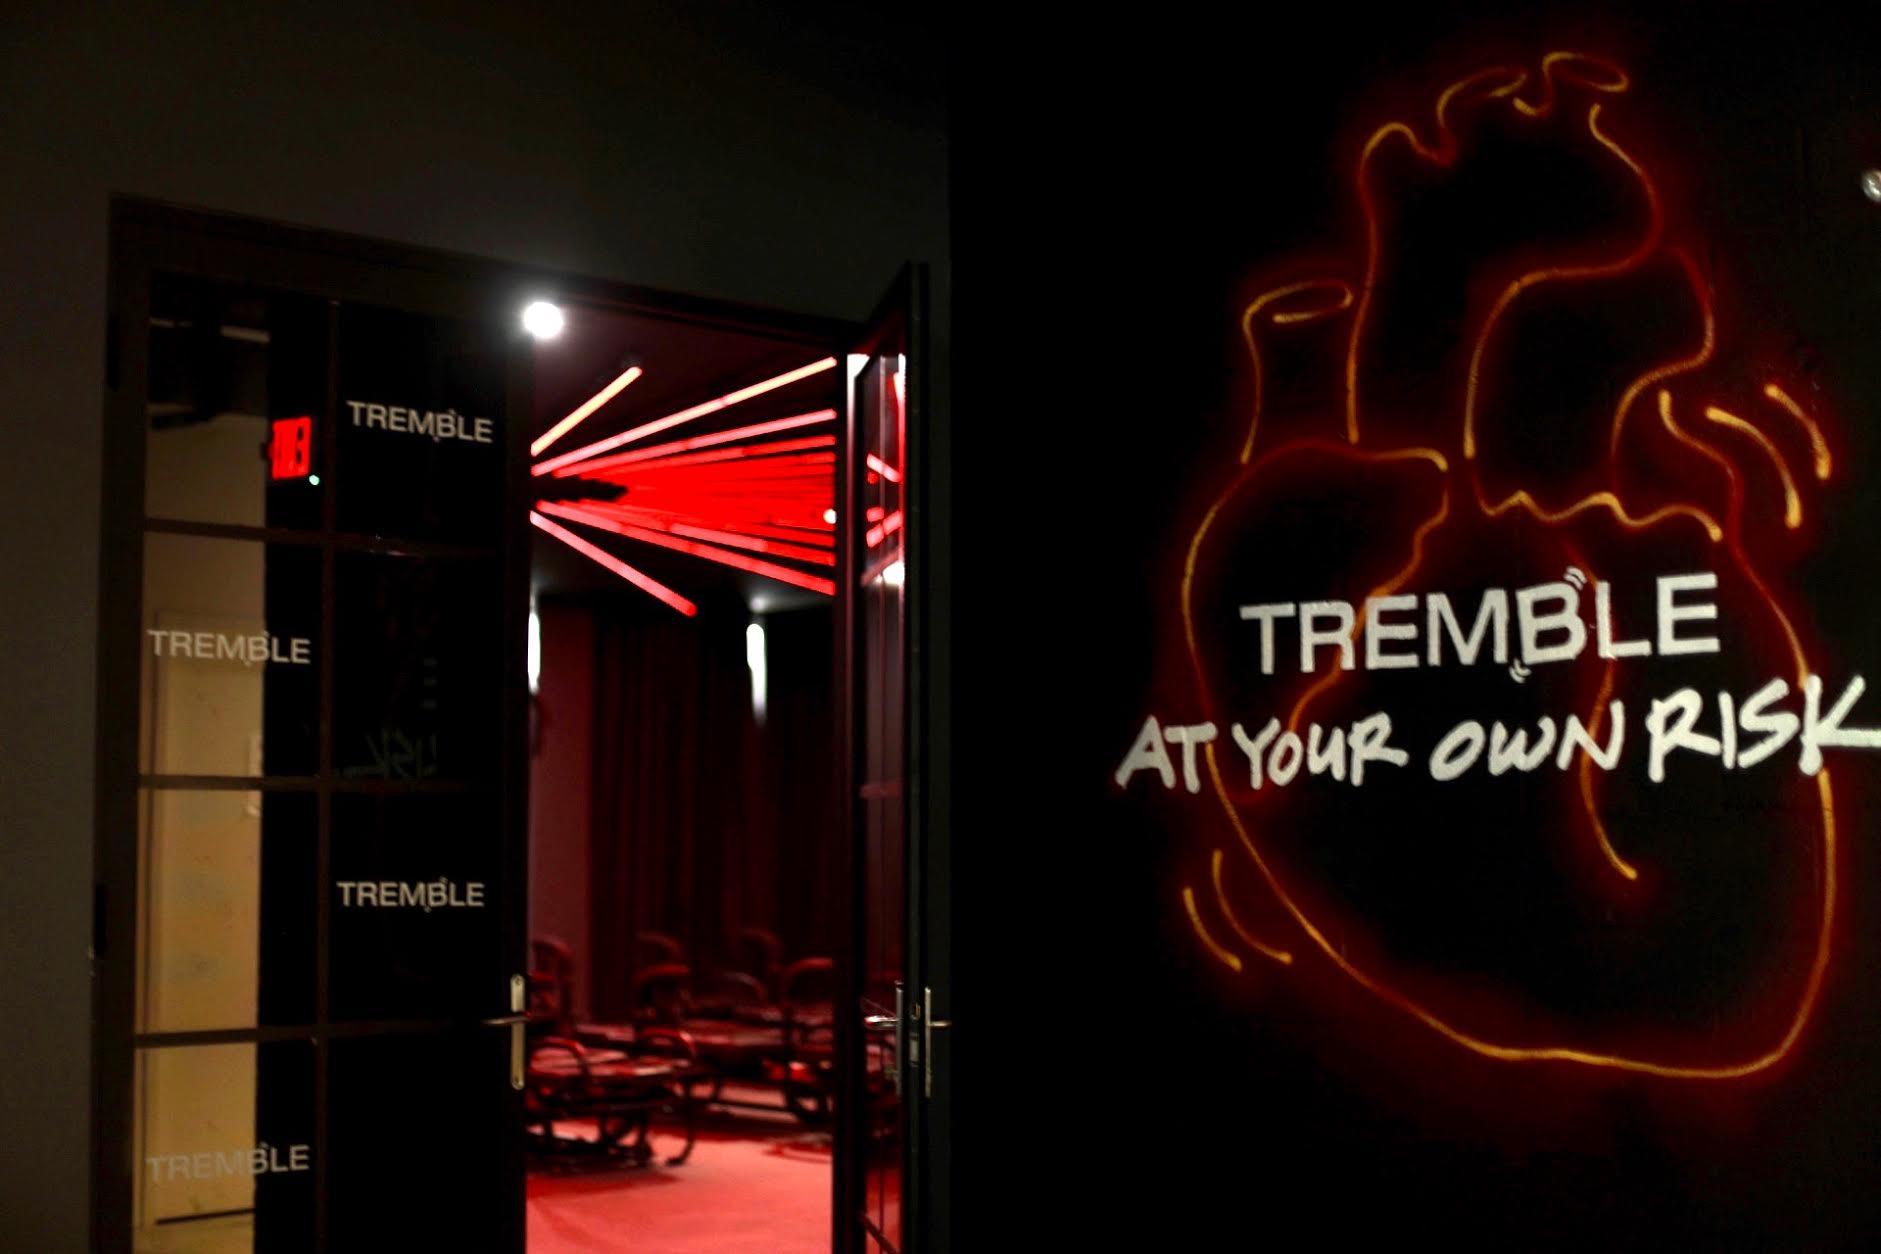 Tremble|Tremble|Tremble|Tremble|Tremble|Tremble|Tremble|Tremble